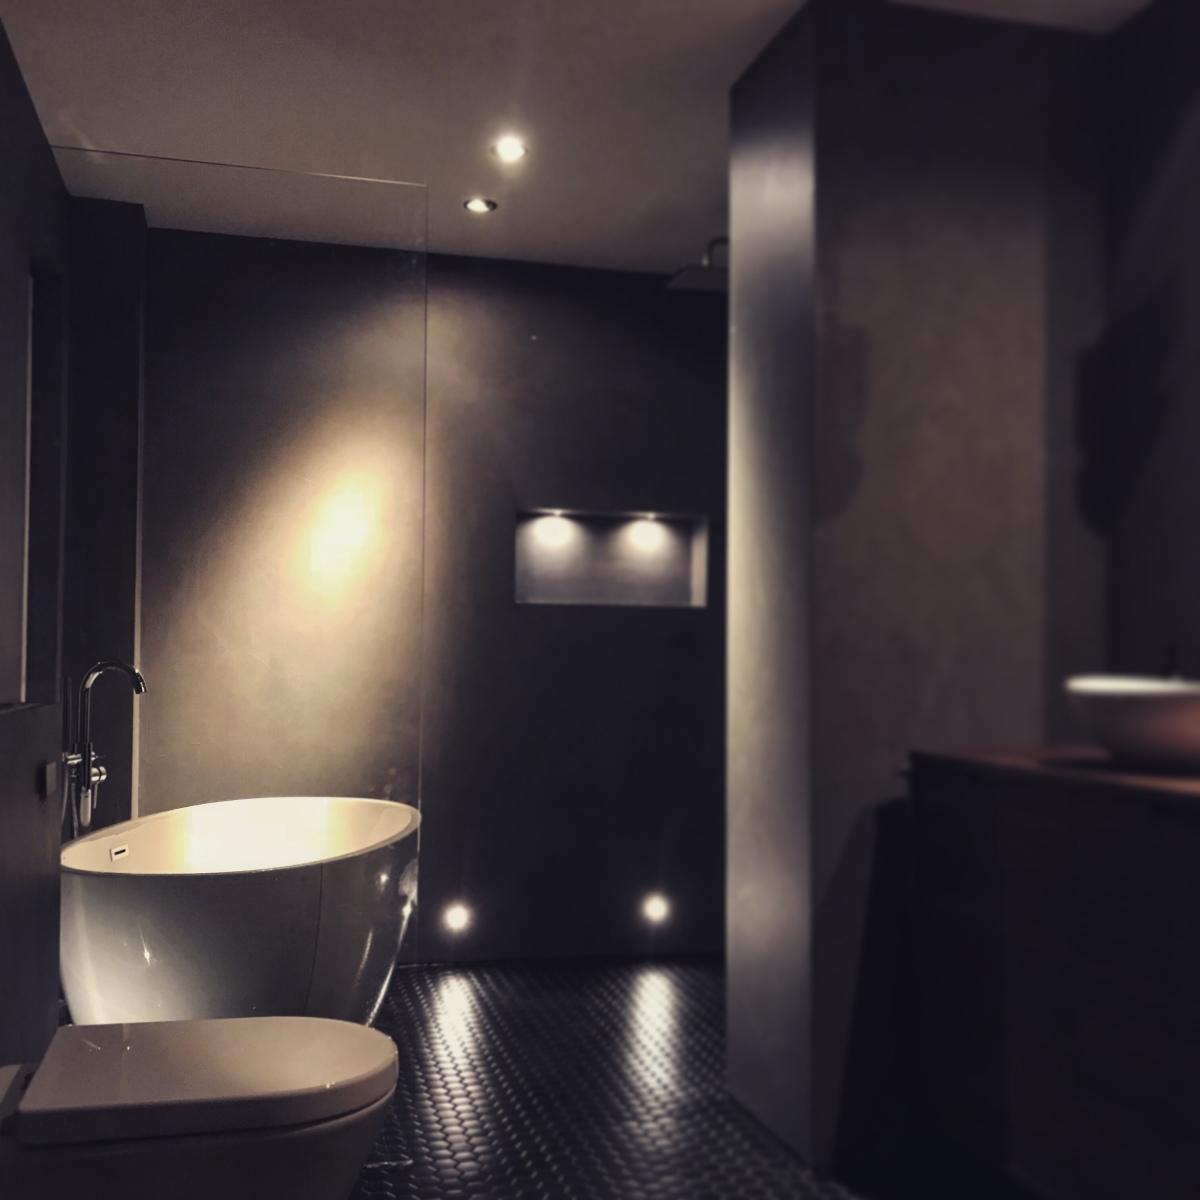 {Werbung} Our new (British) home - die Duschwand von duschmeister.de